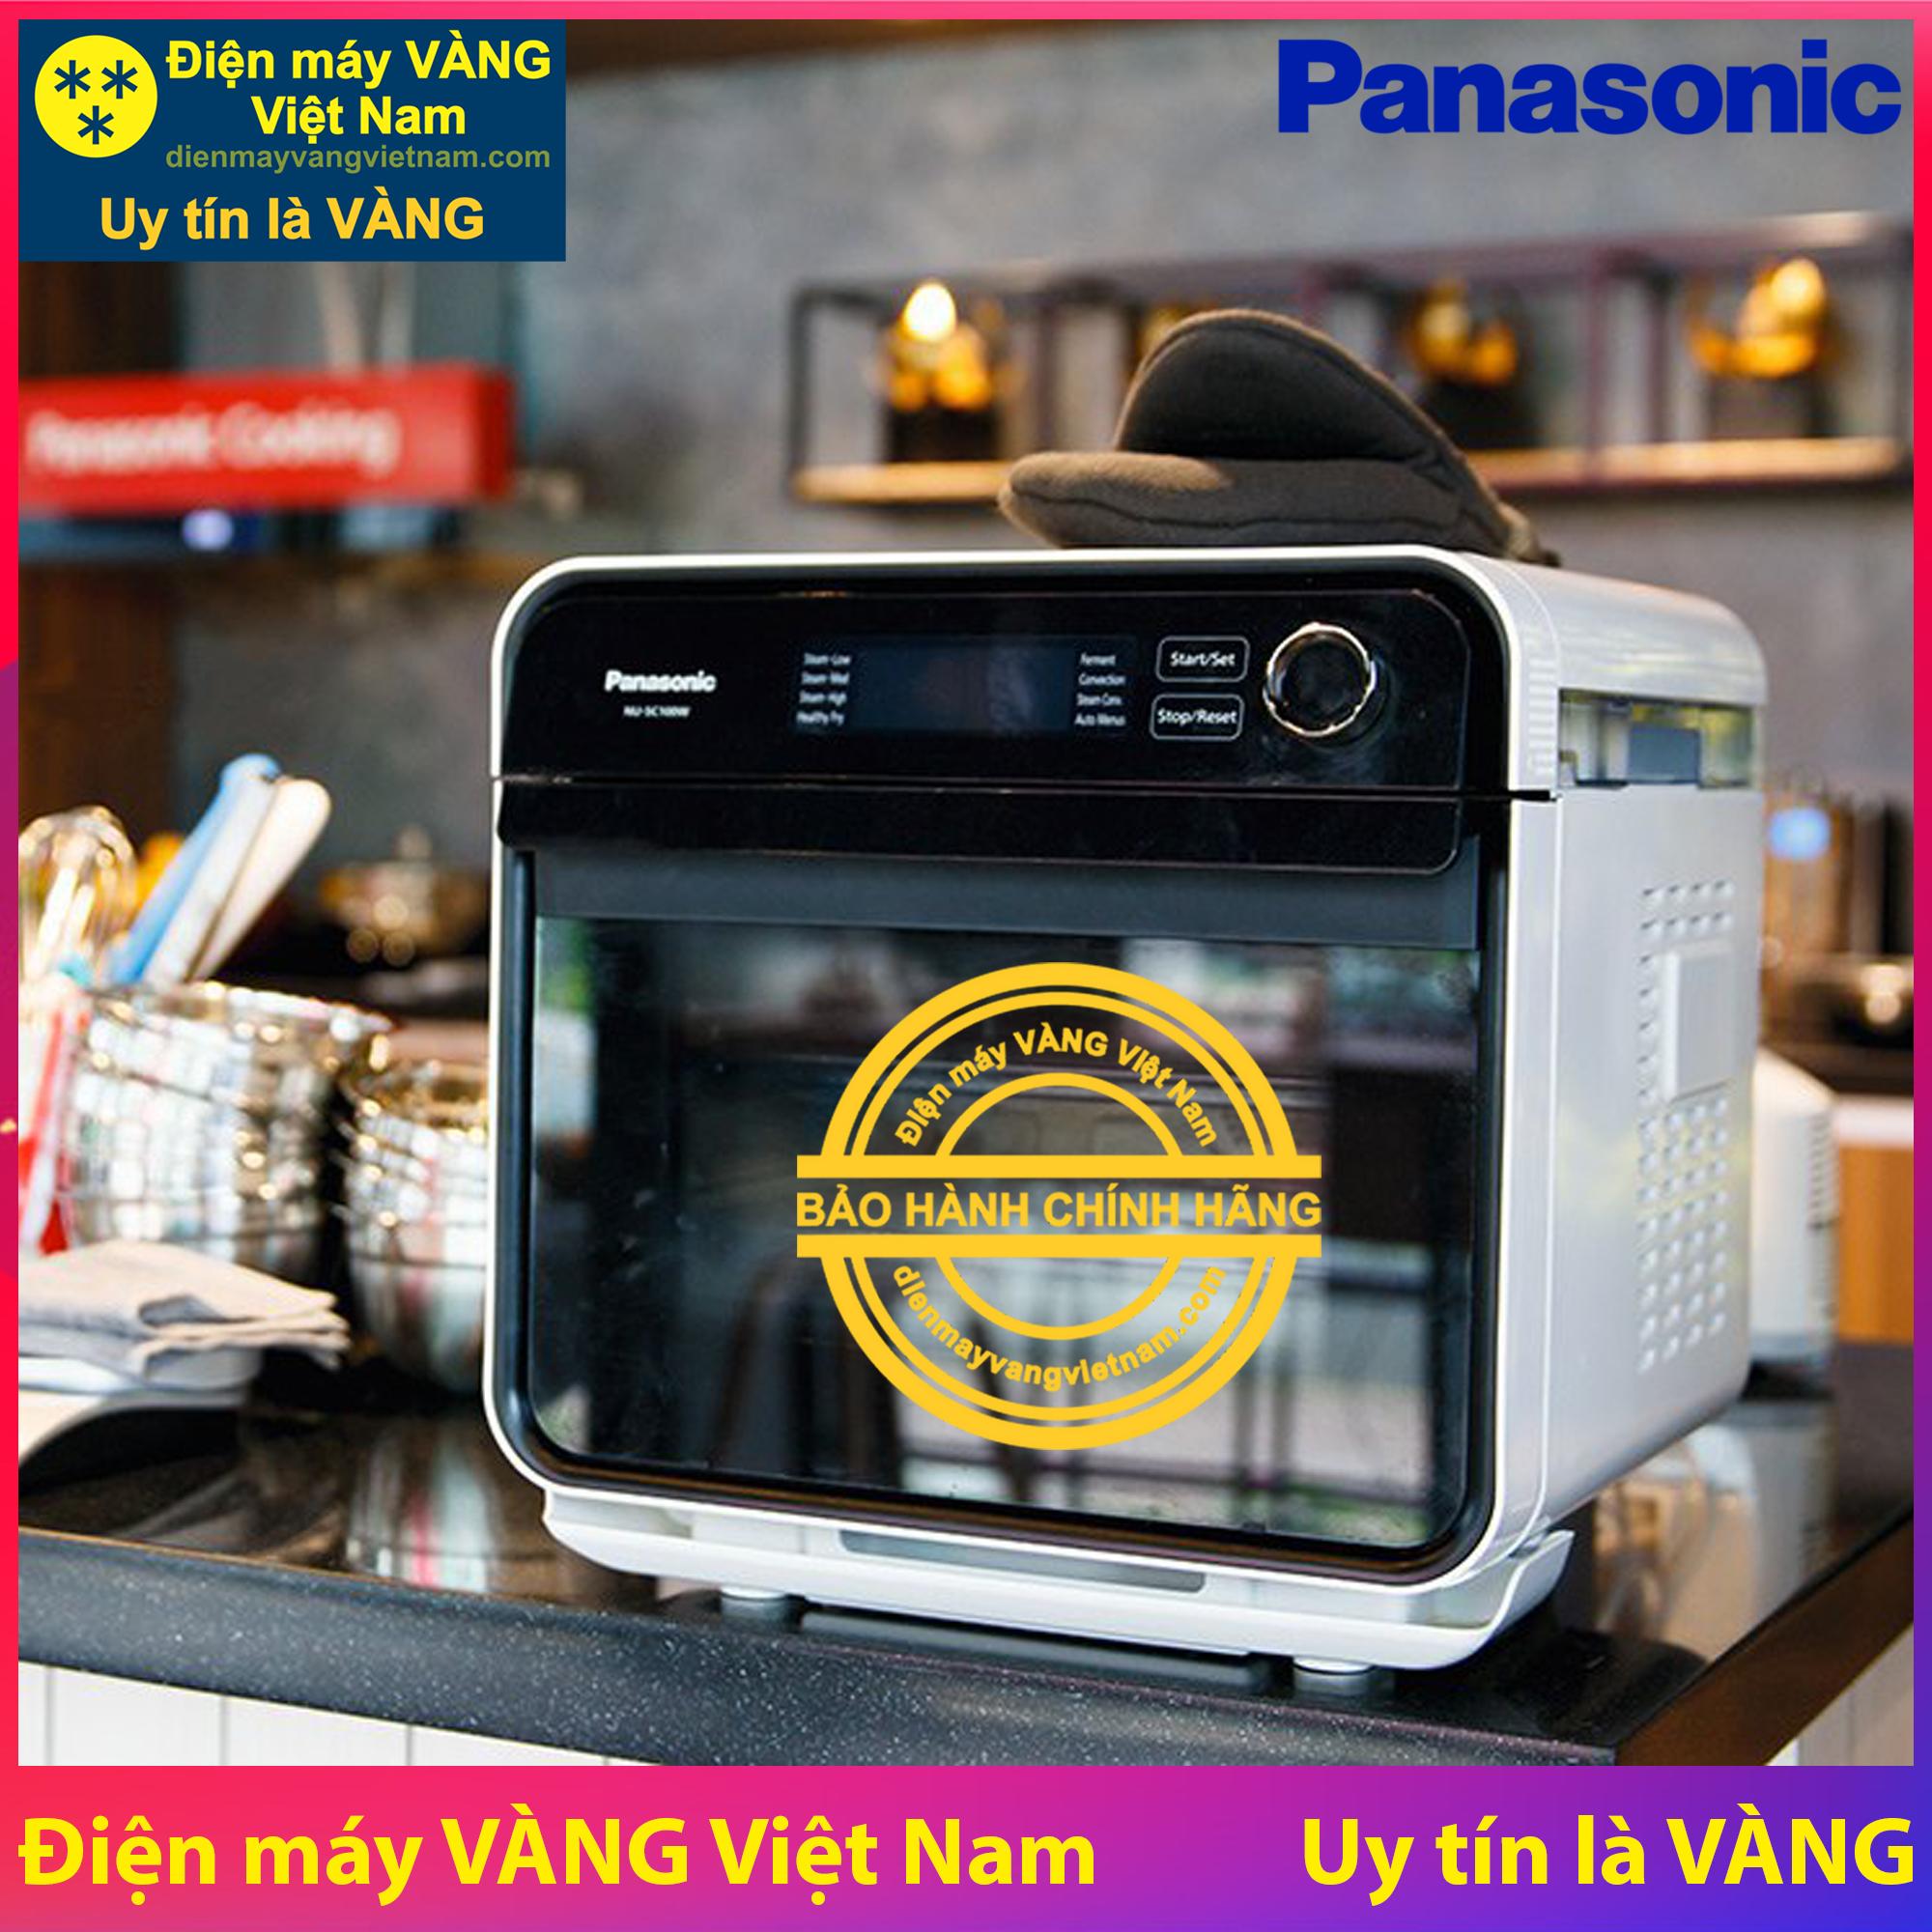 Coupon Giảm Giá Lò Hấp Nướng đối Lưu đa Năng Panasonic NU-SC100WYUE - Hàng Chính Hãng